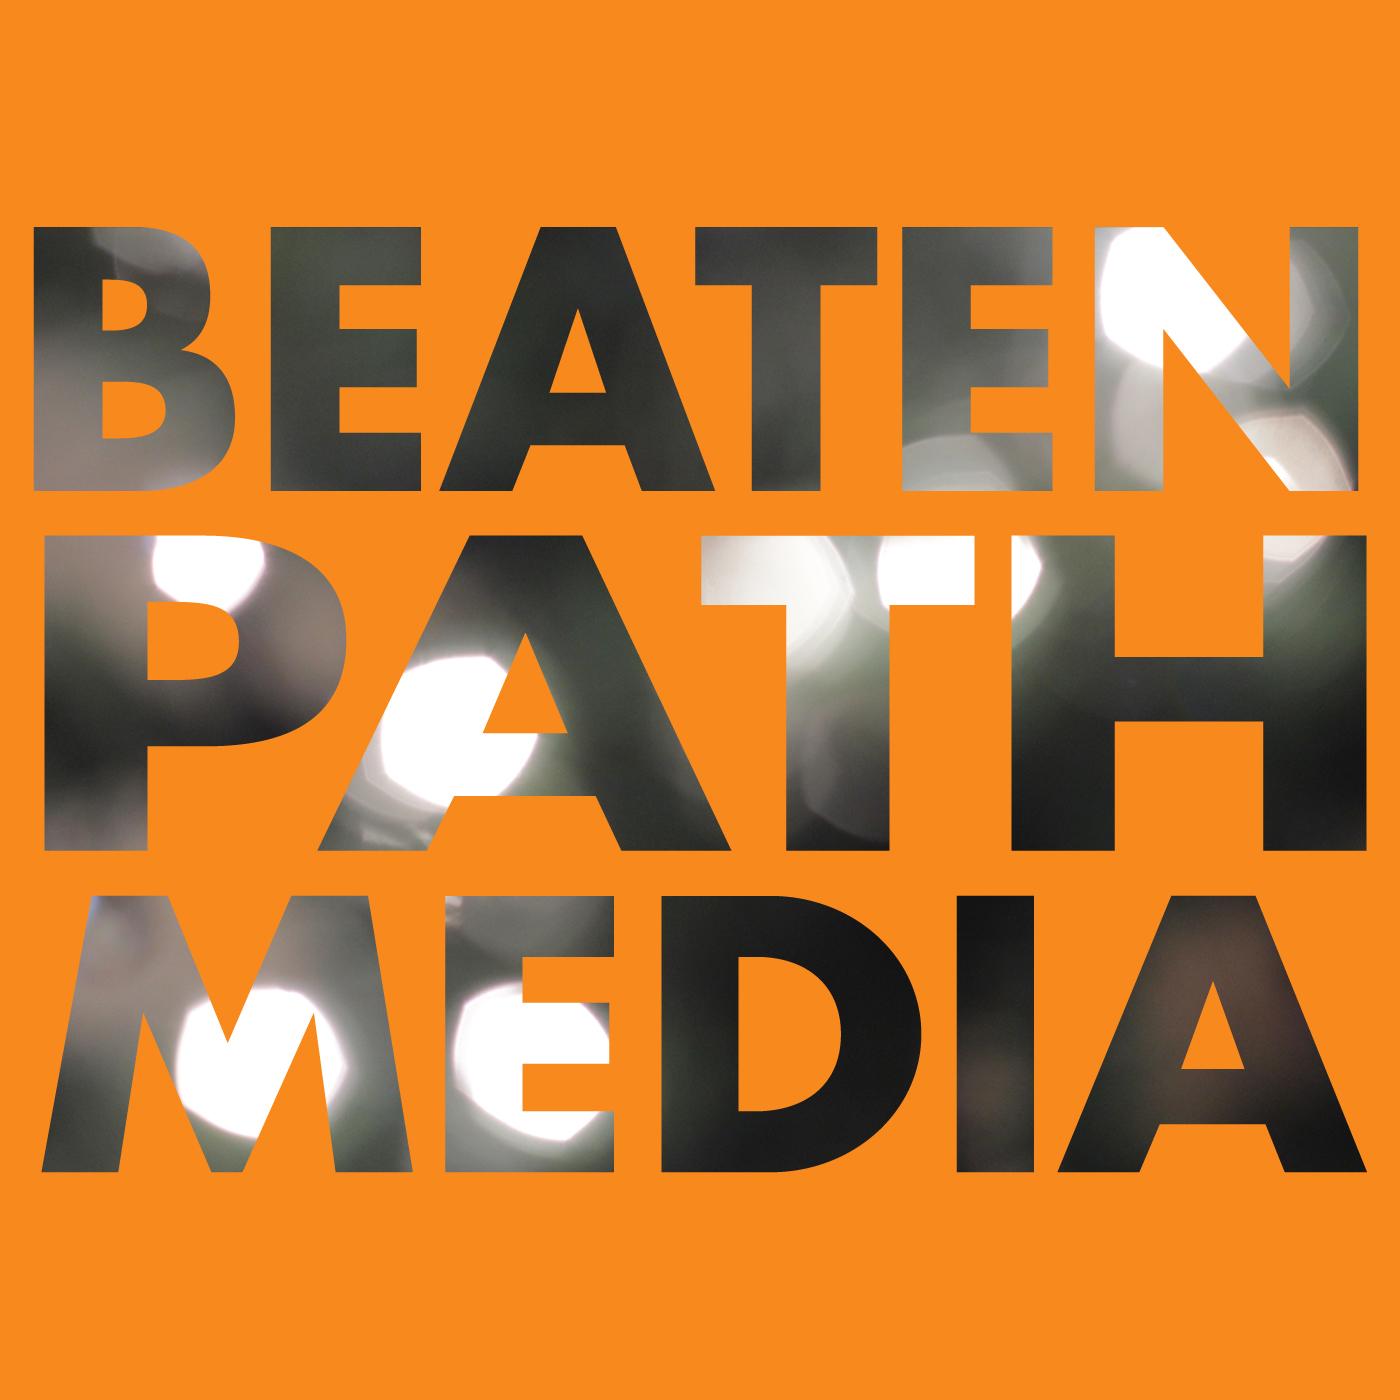 Beaten Path Media